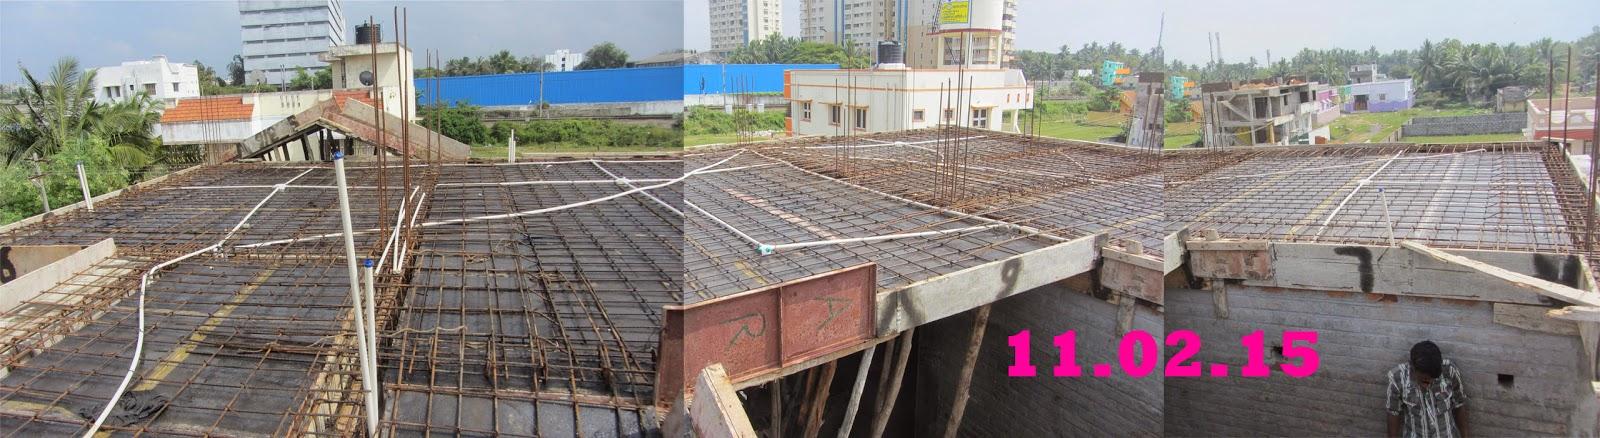 Roof Steel Works,